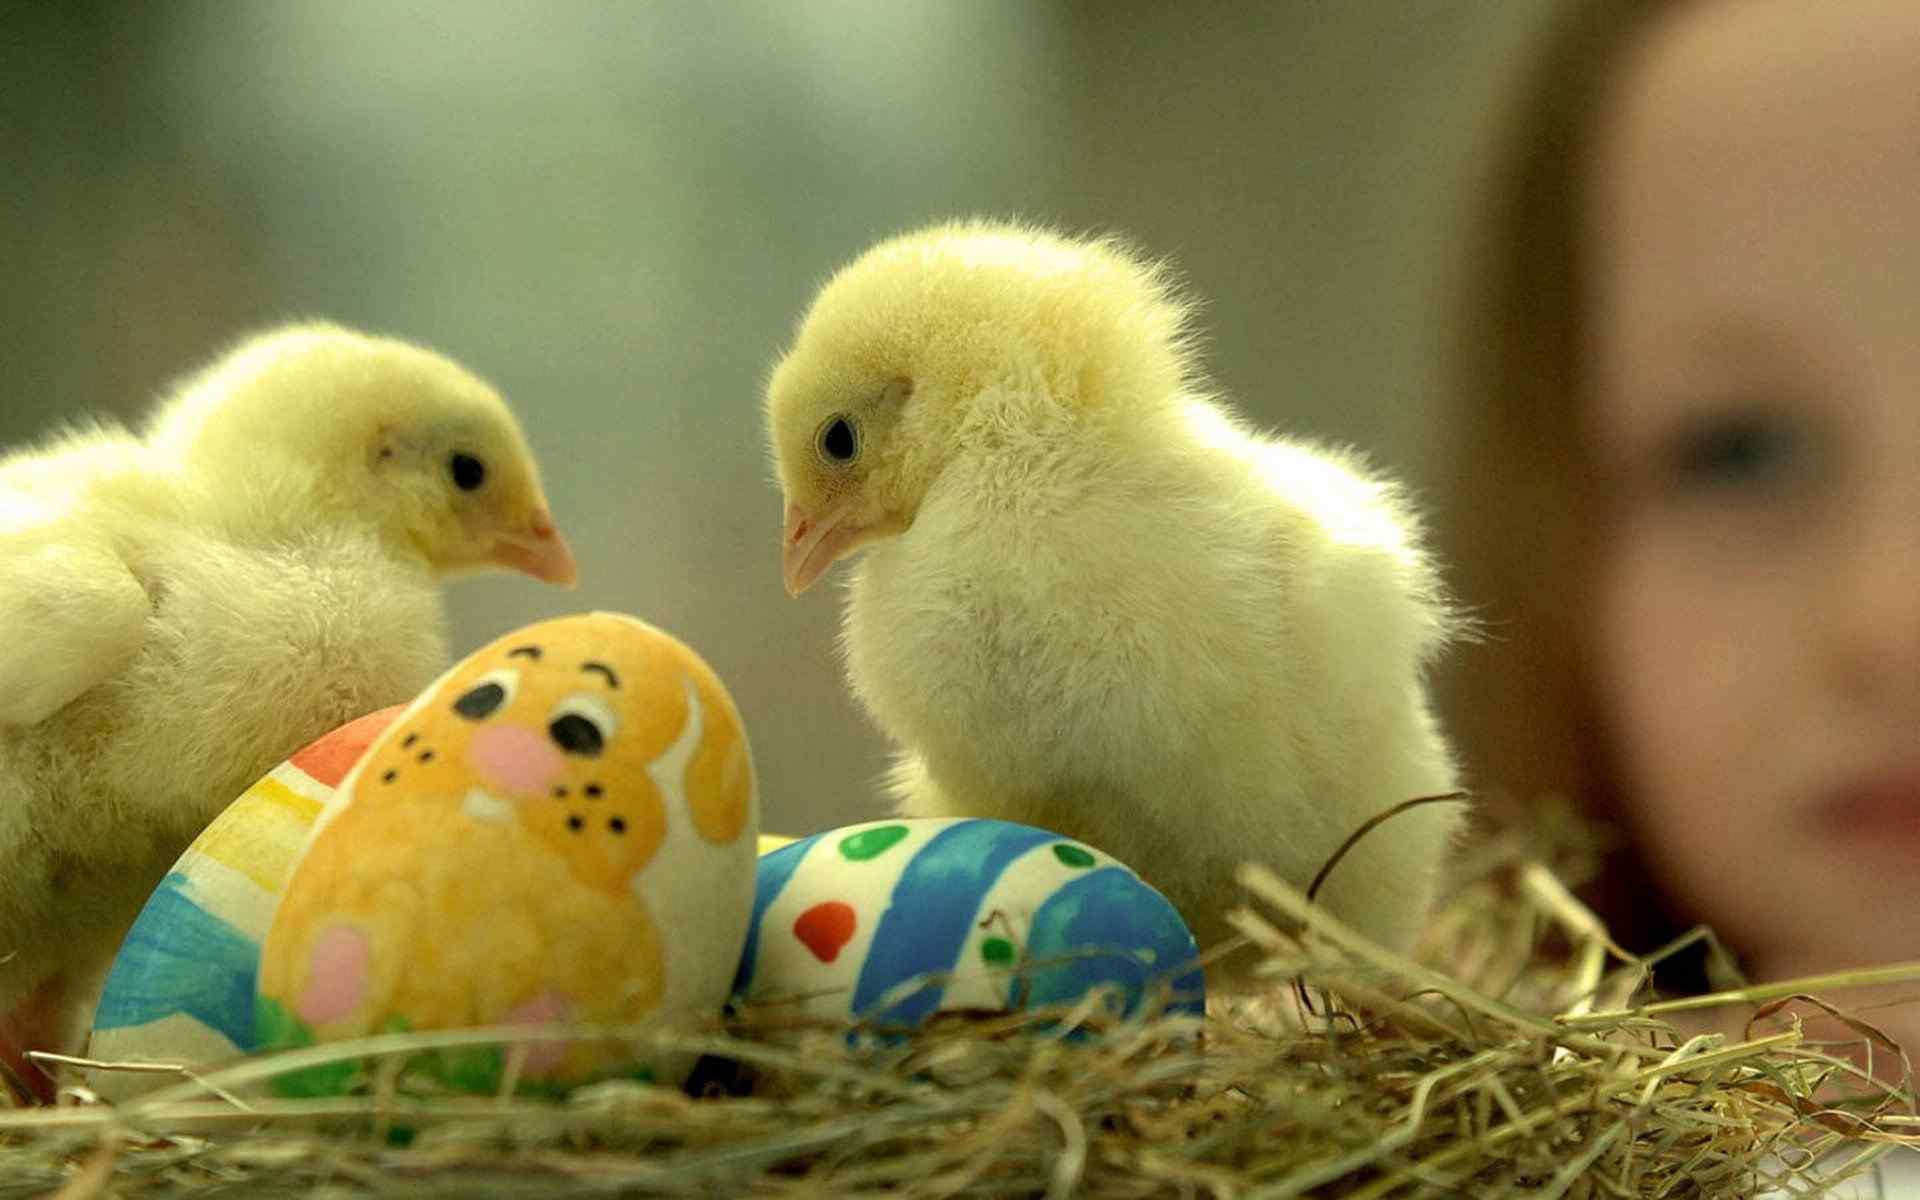 呆萌小鸭图片 可爱毛茸茸小鸭子桌面壁纸 黄色小鸭子图片